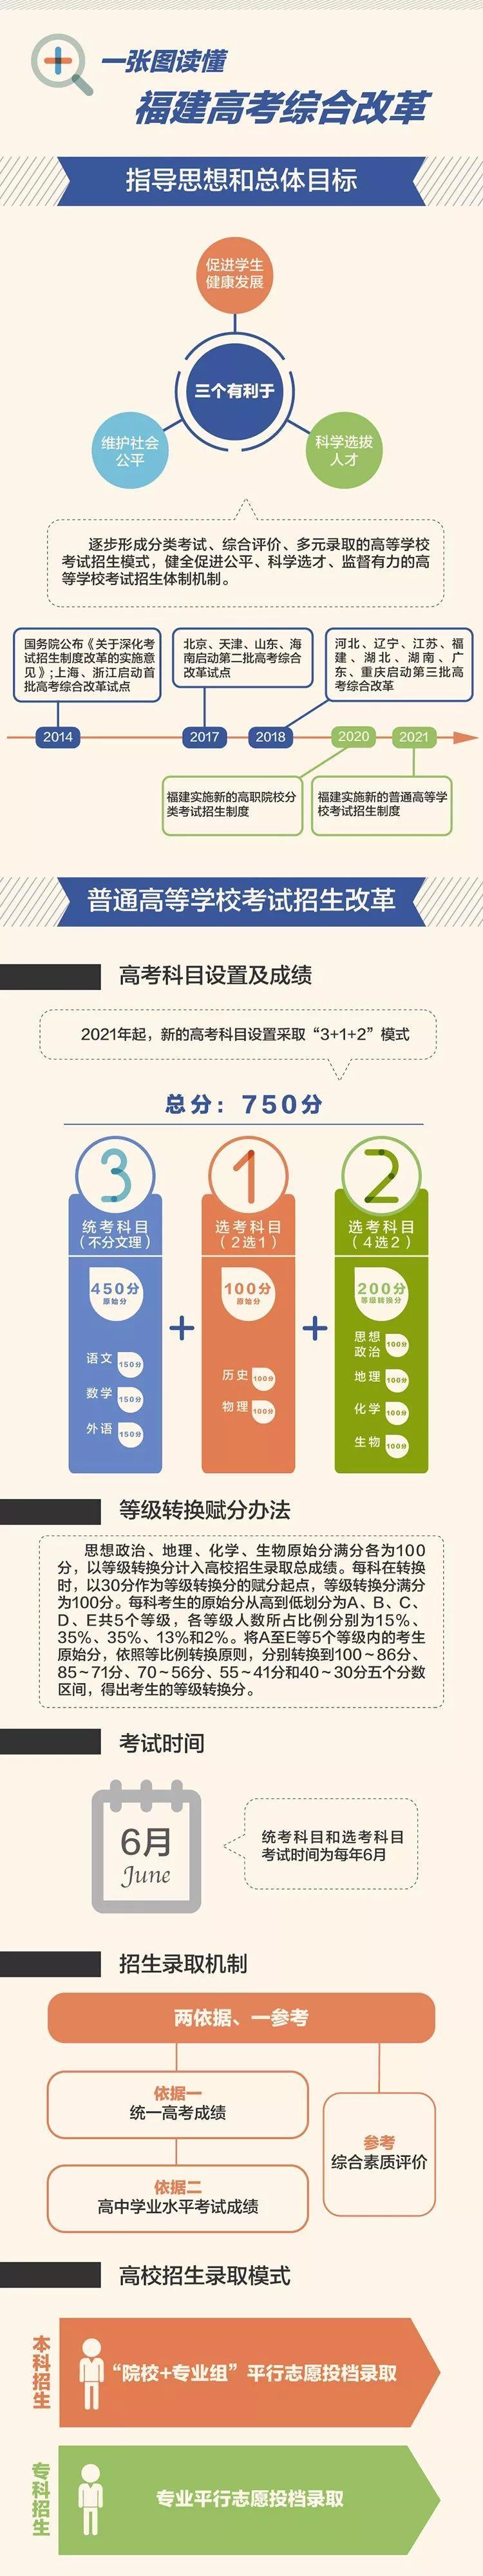 重磅!8省市高考改革方案公布,3+1+2成主流模式!